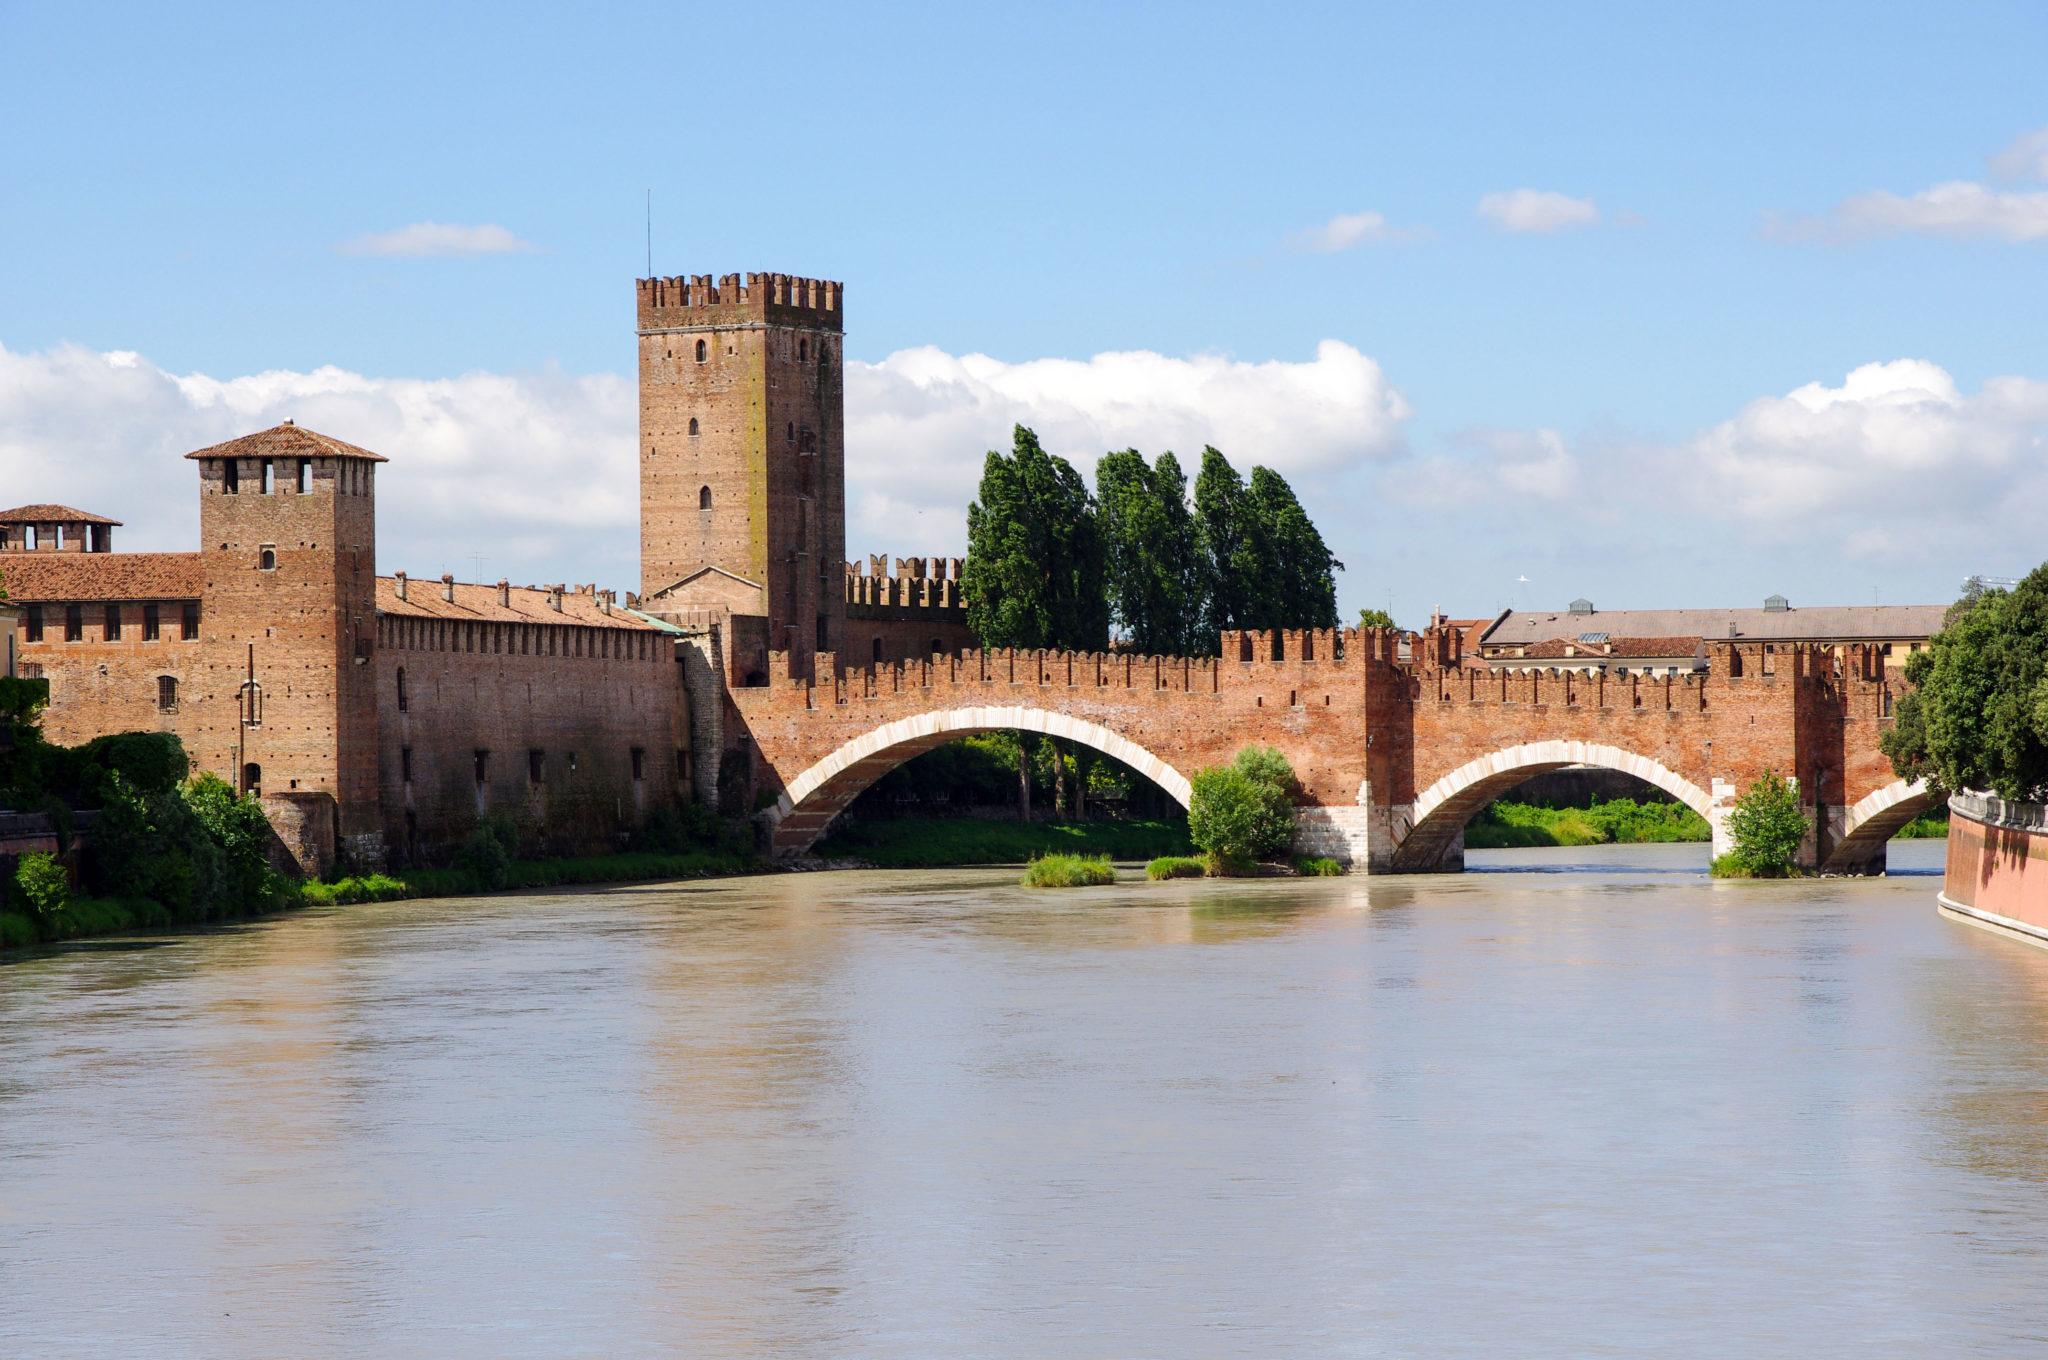 museo di Castelvecchio, museum, Castelvecchio, Italia, Italy, verona, visit Italy